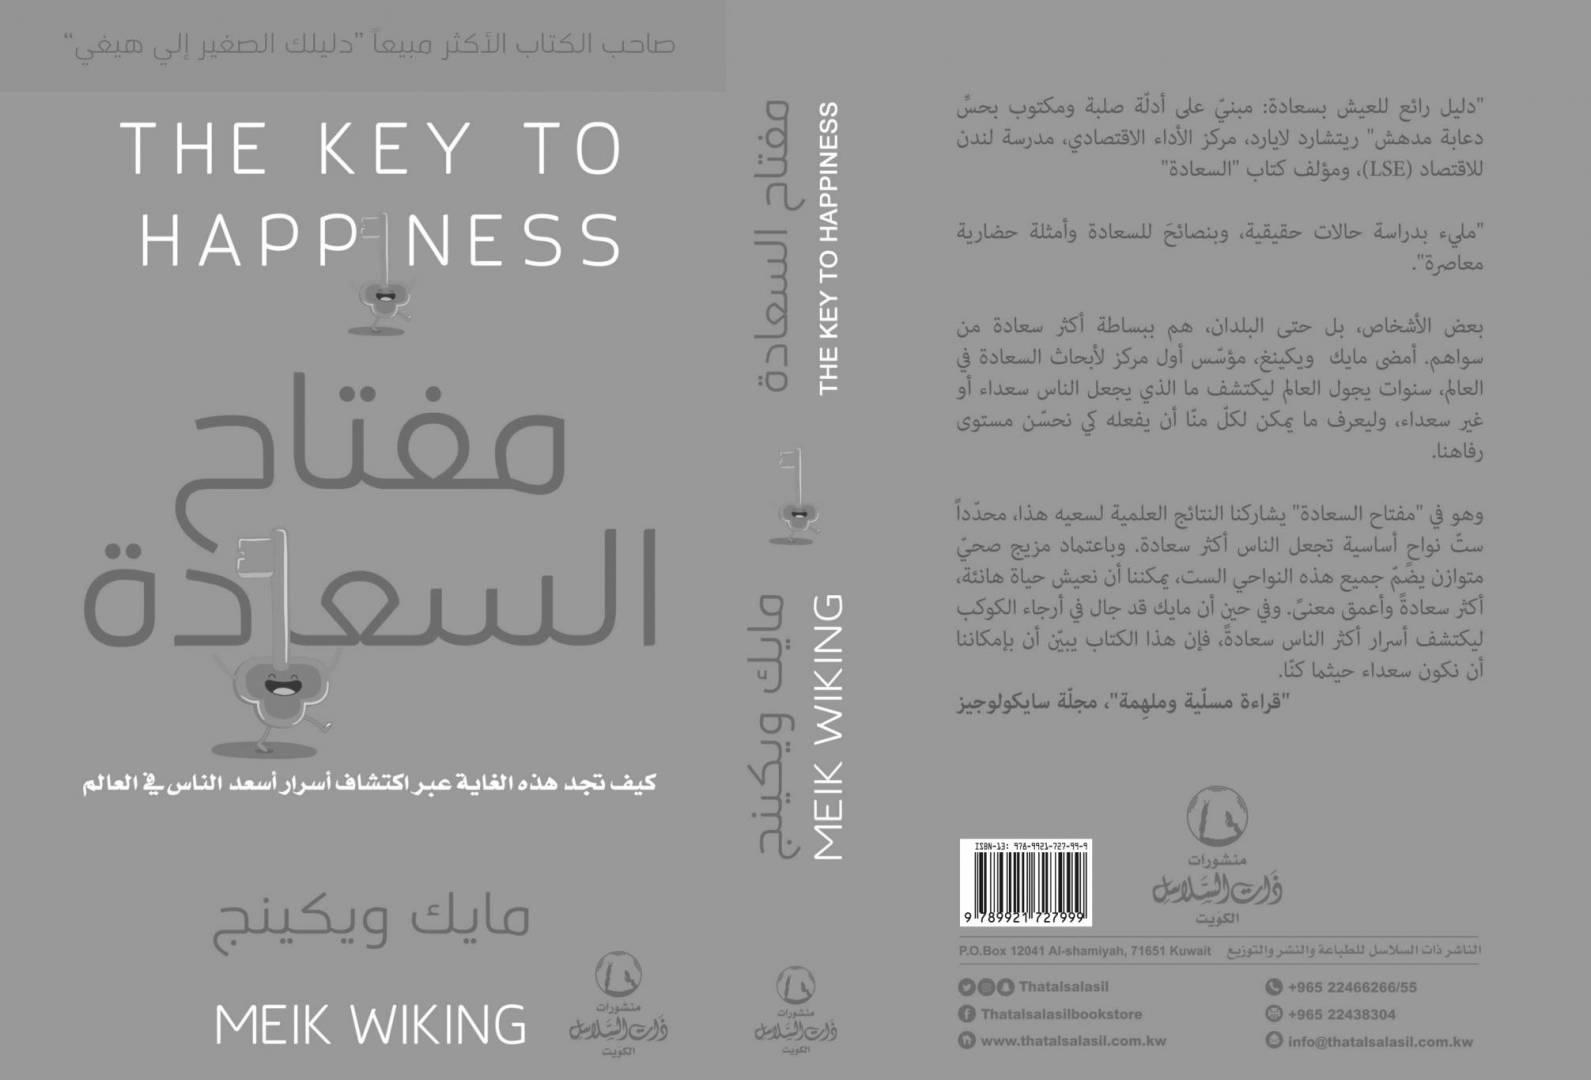 غلاف كتاب «مفتاح السعادة»